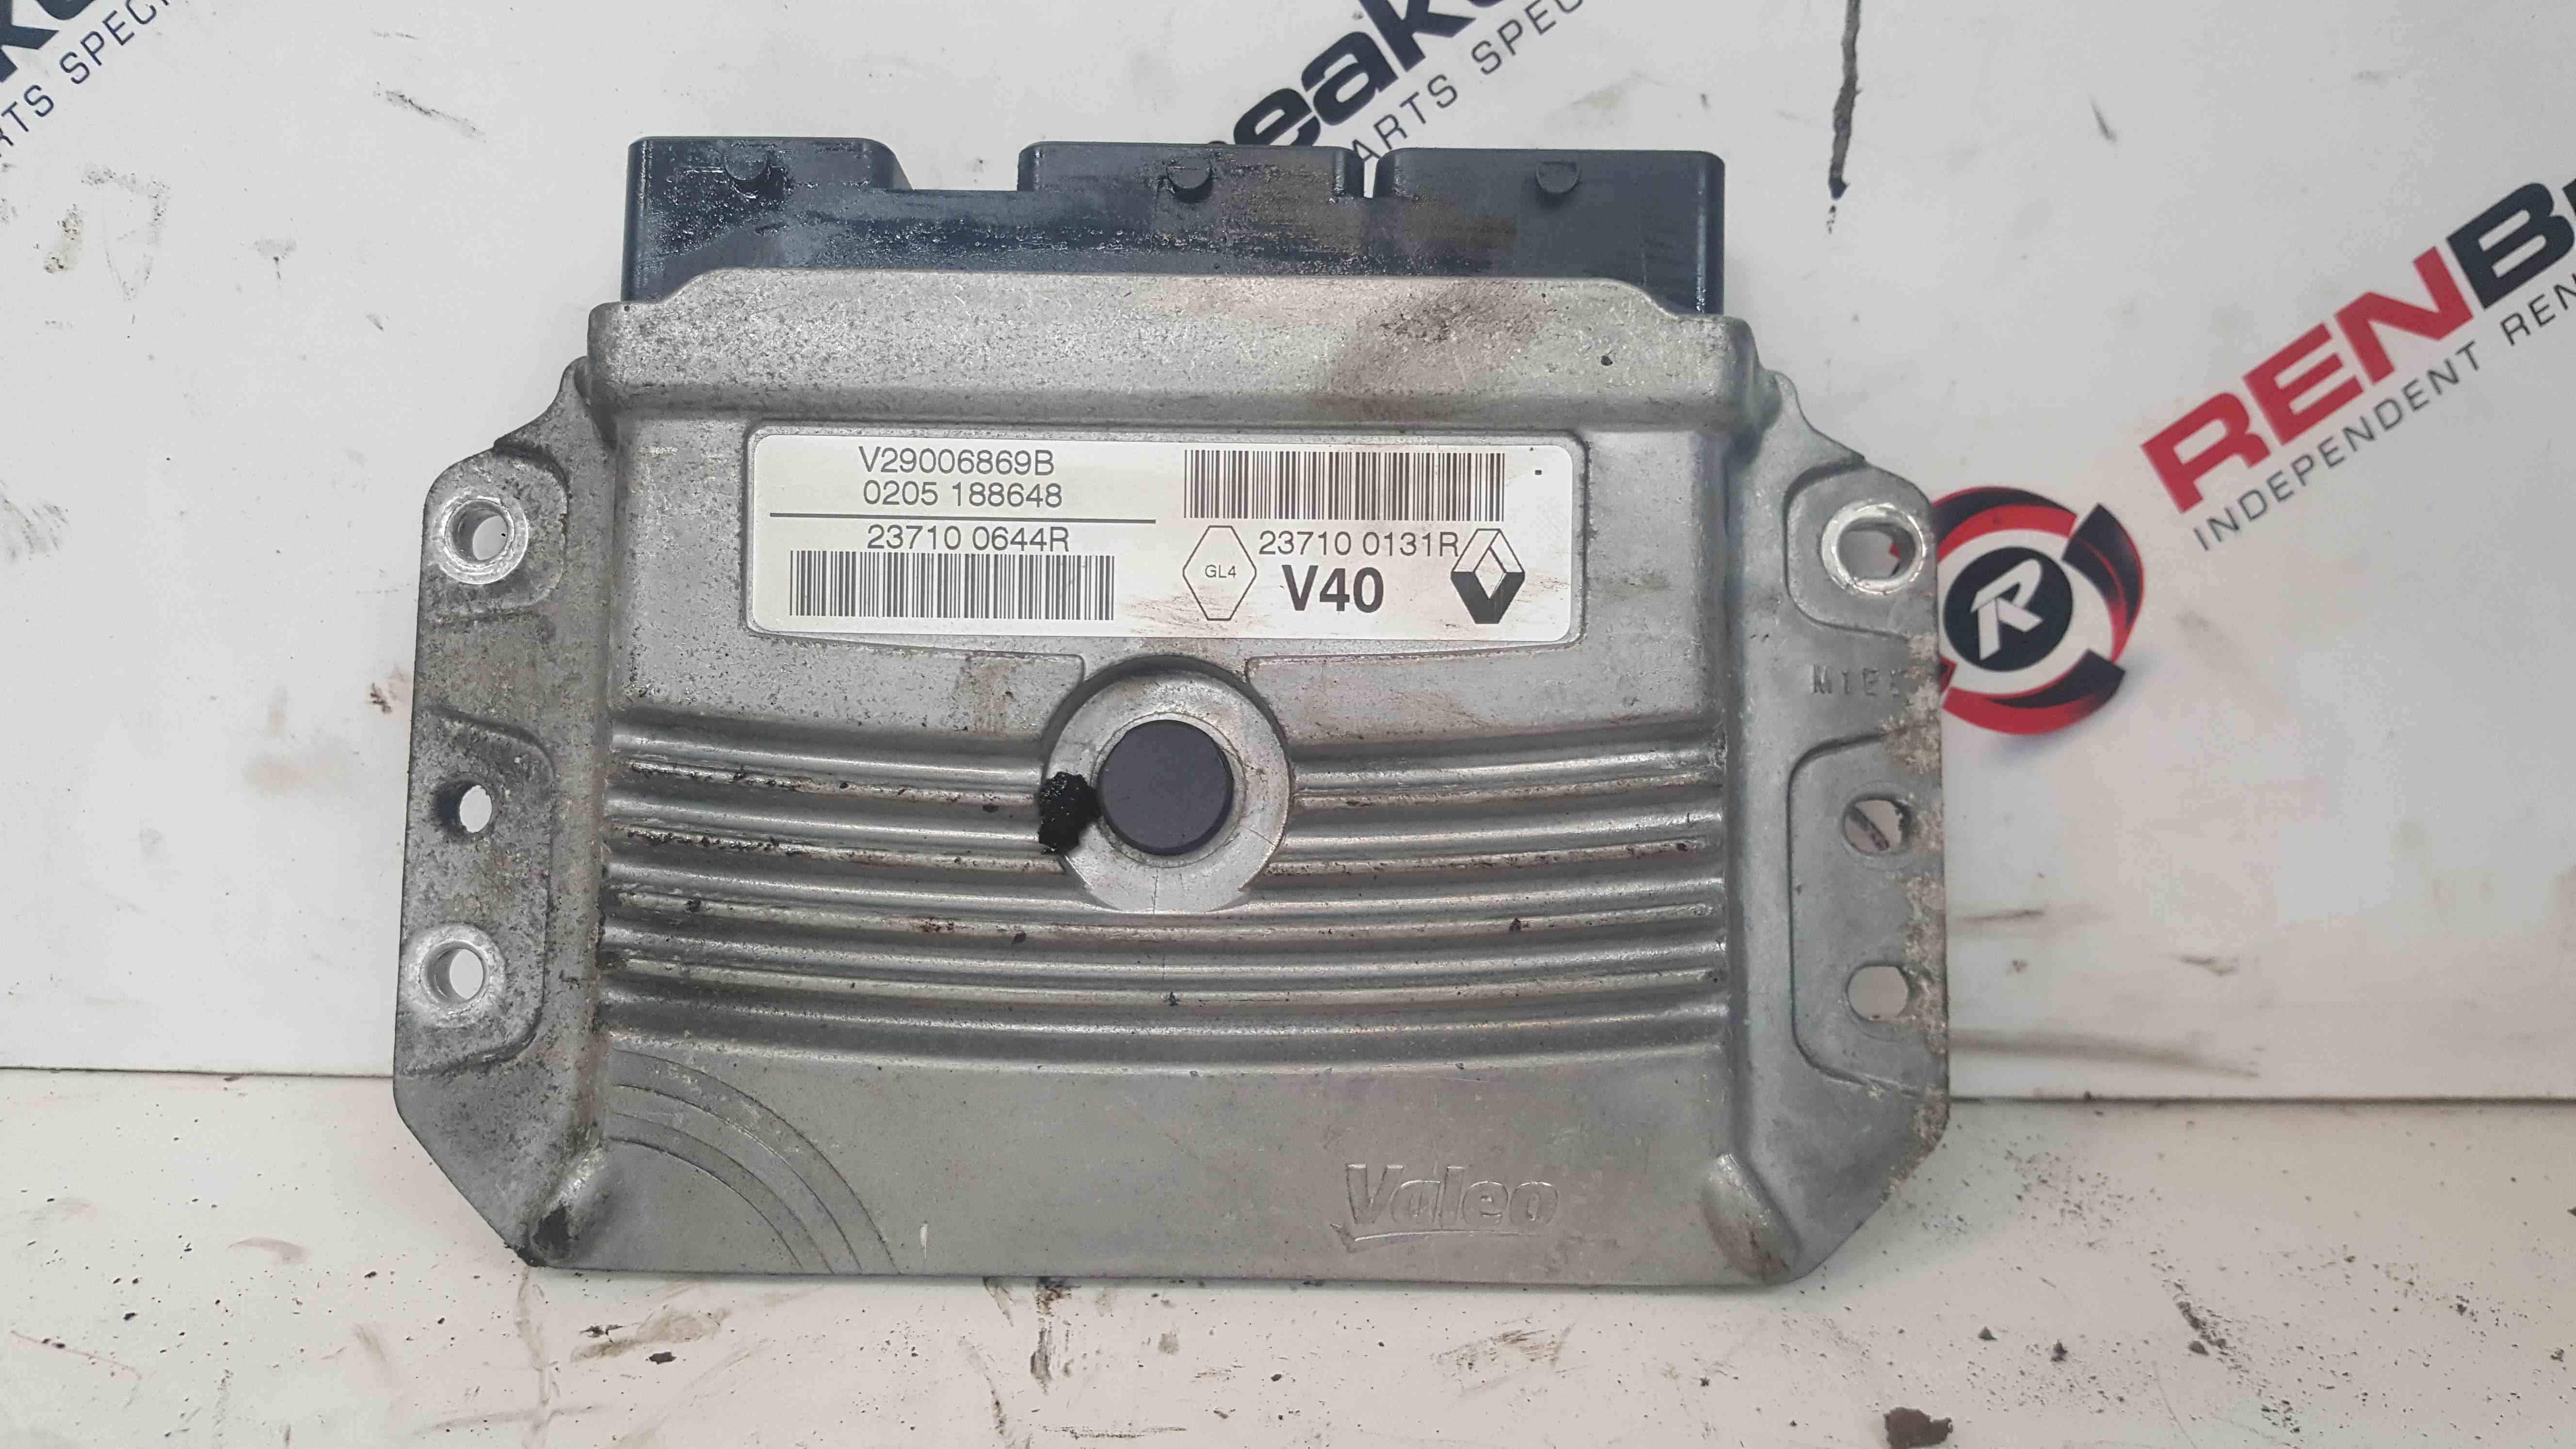 Renault Megane MK3 2008-2012 1.6 16v Engine Control Unit ECU 237100644R